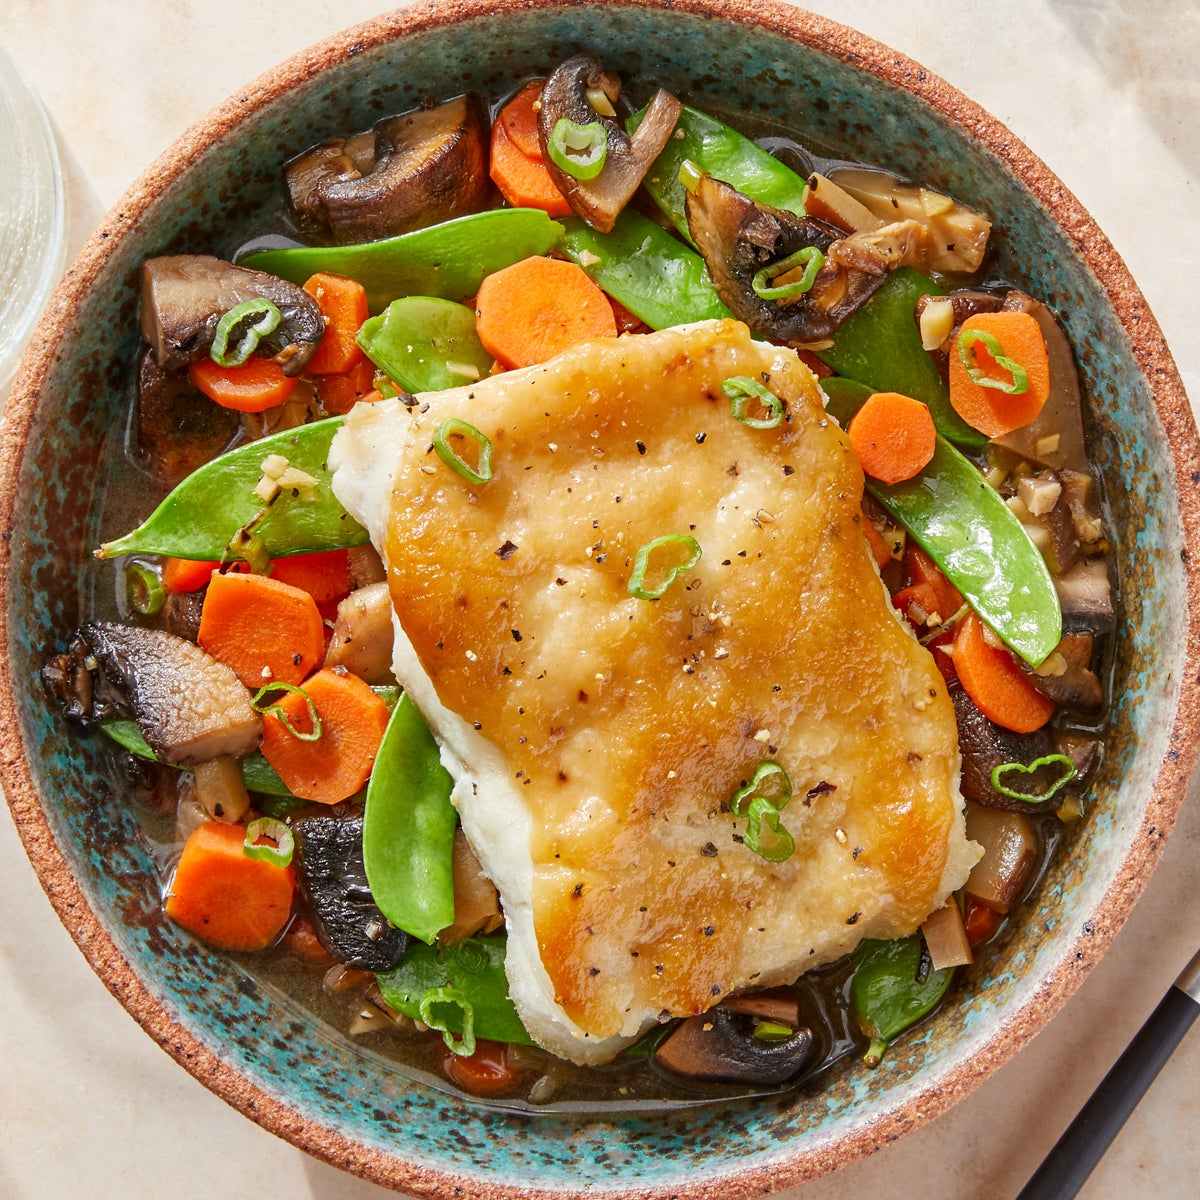 Miso-Roasted Cod & Mushroom Broth with Snow Peas & Carrots